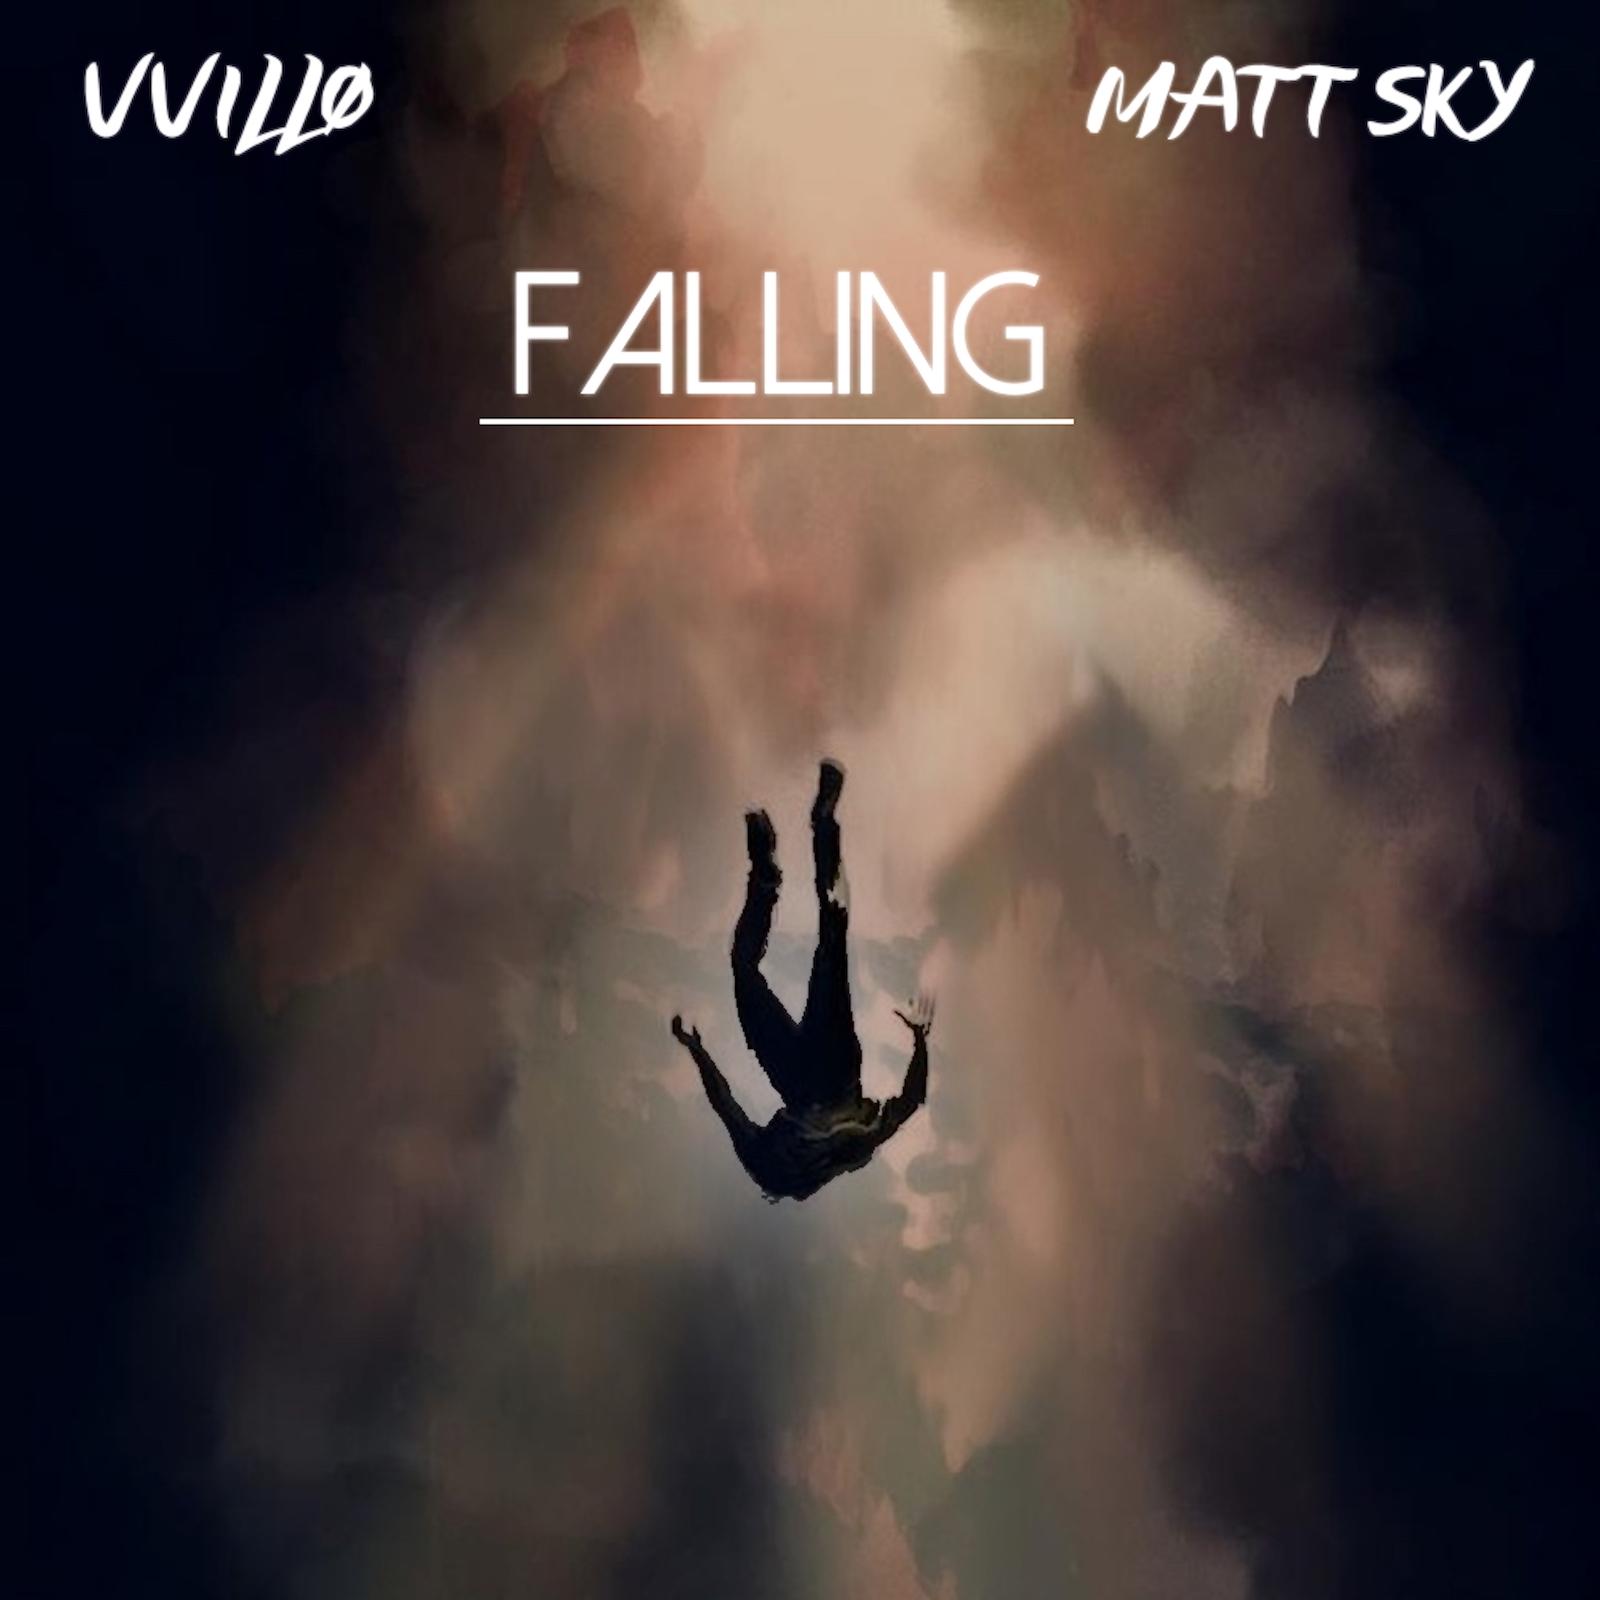 VVILLØ - Falling (feat. Matt Sky)